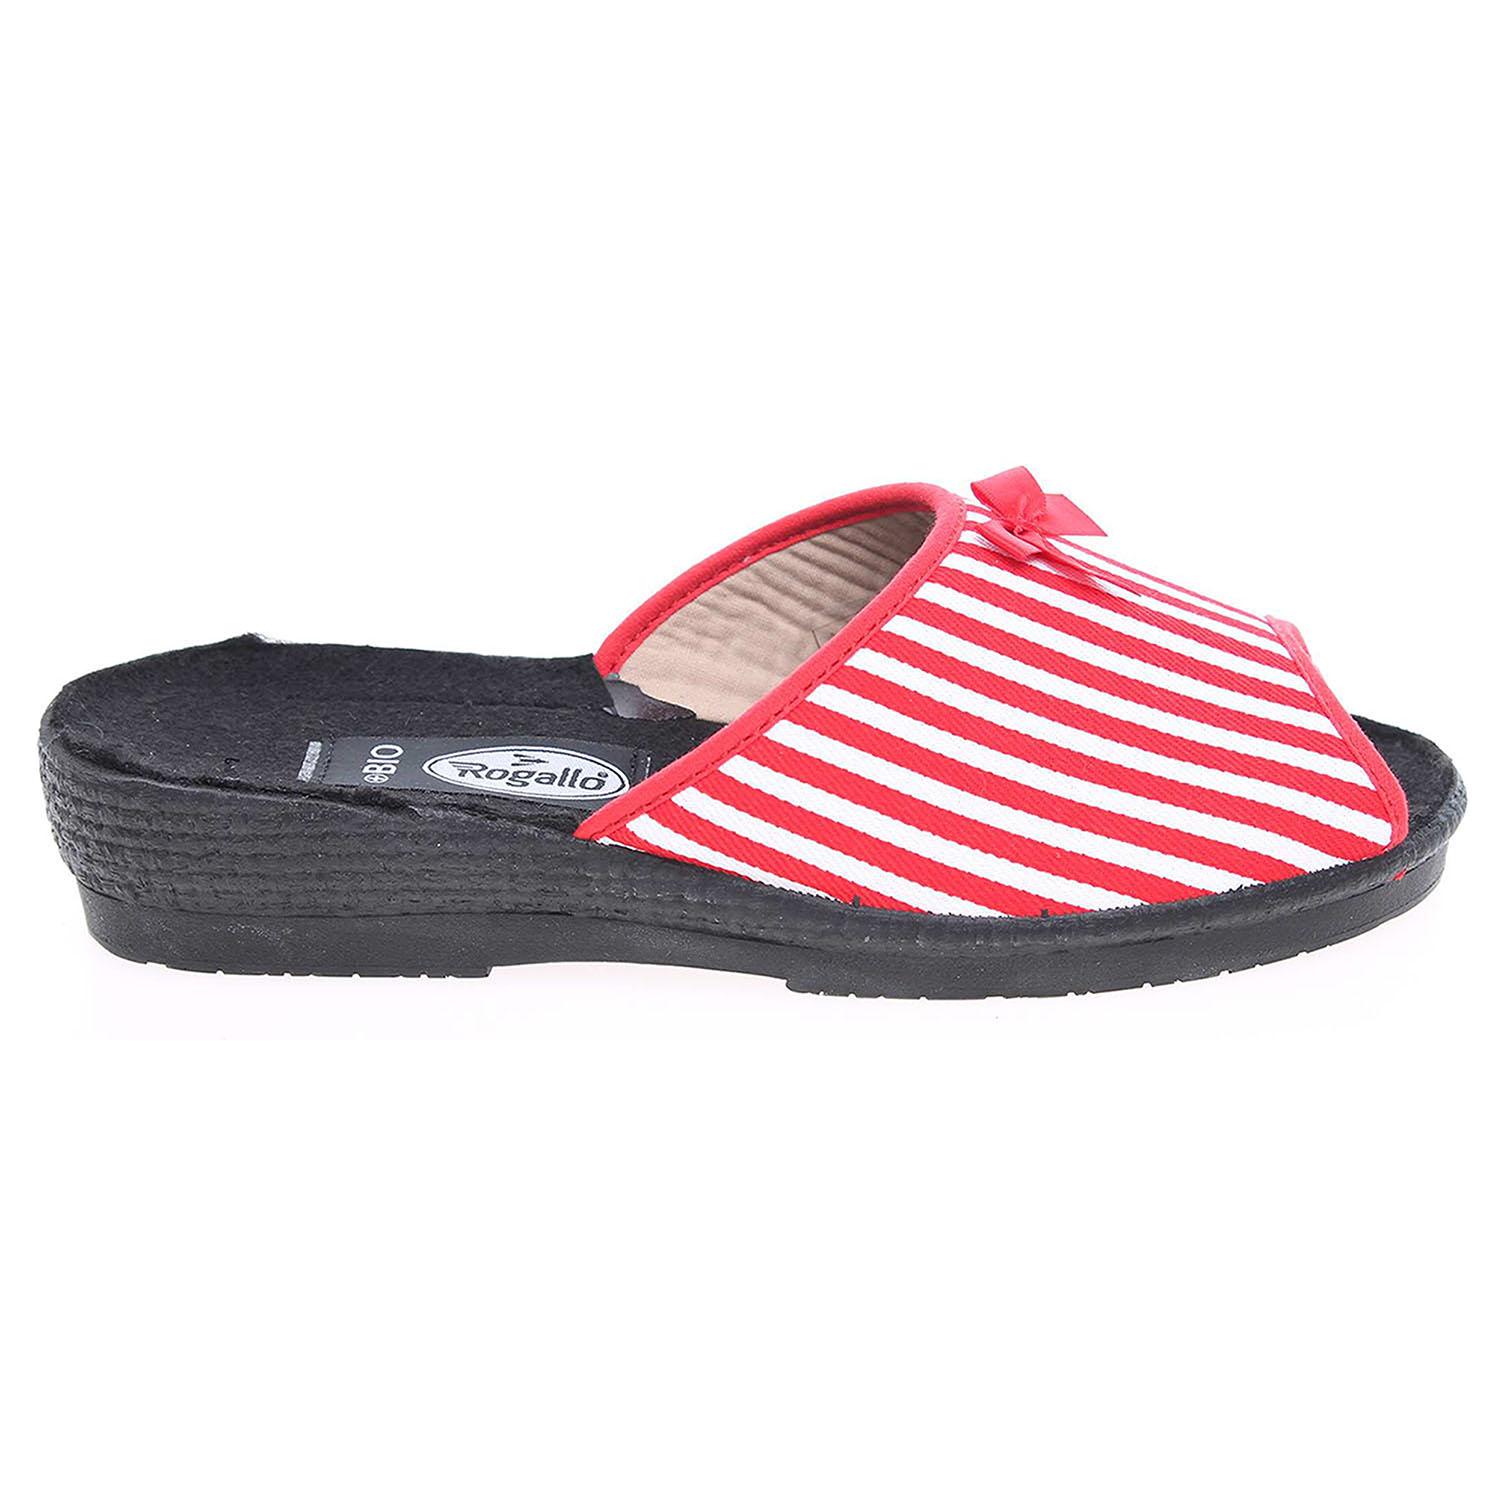 Rogallo domácí pantofle 7101-008 červené 42